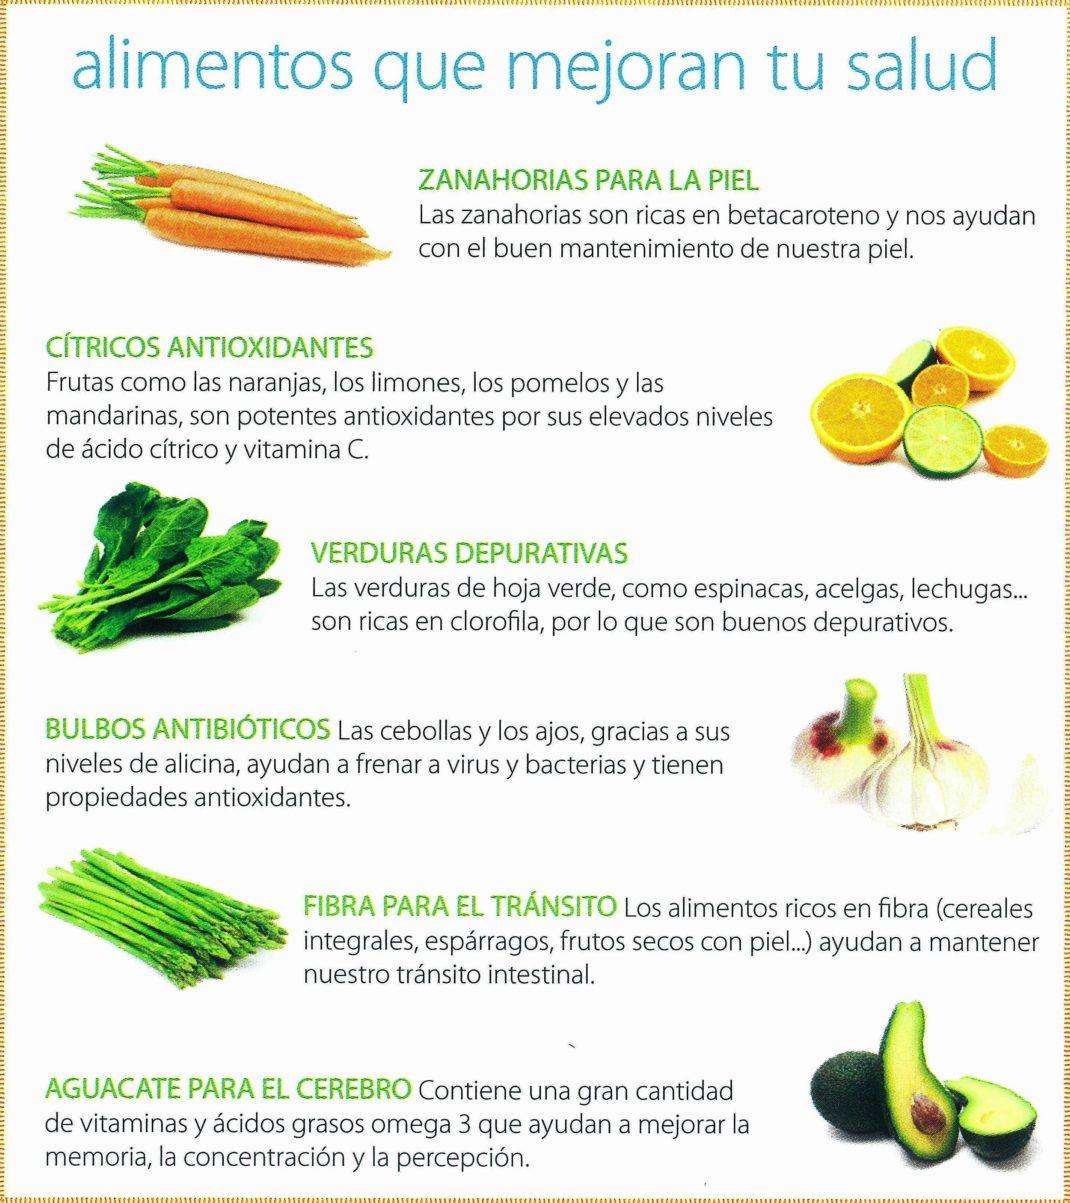 alimentación que mejora la salud